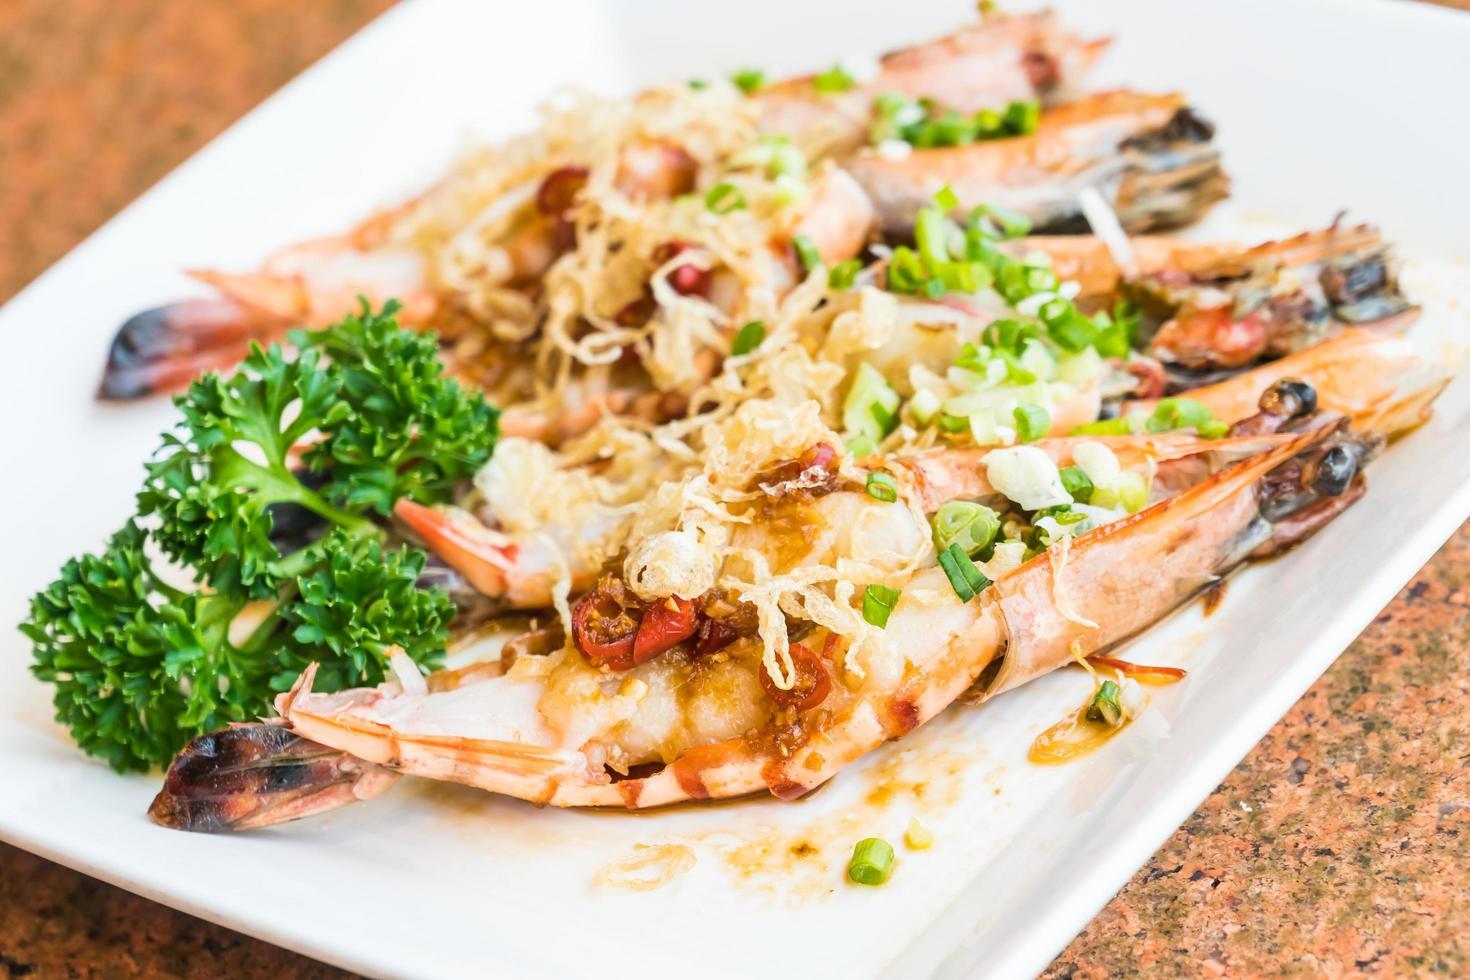 Filete de camarones y langostinos a la plancha en plato blanco foto